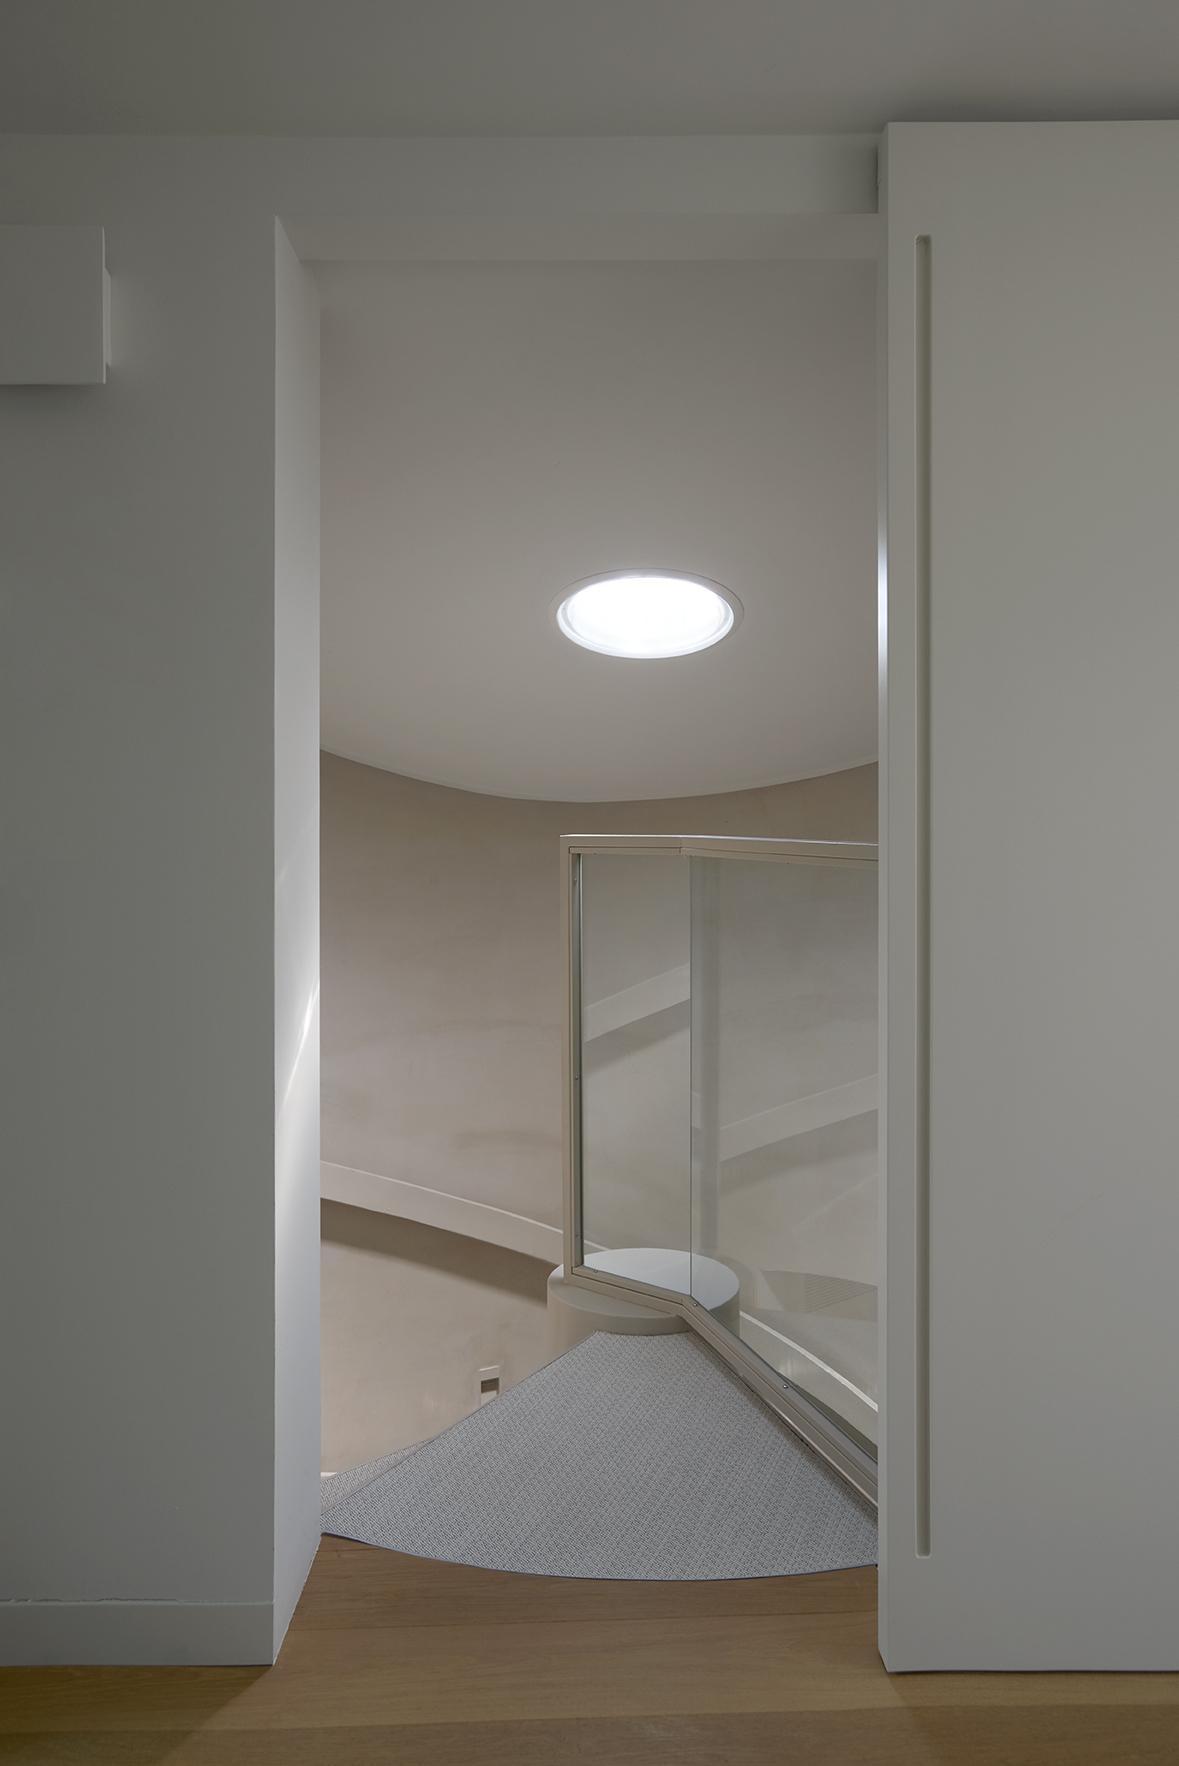 Giochi Pulire Le Stanze come illuminare una stanza senza finestre - cose di casa